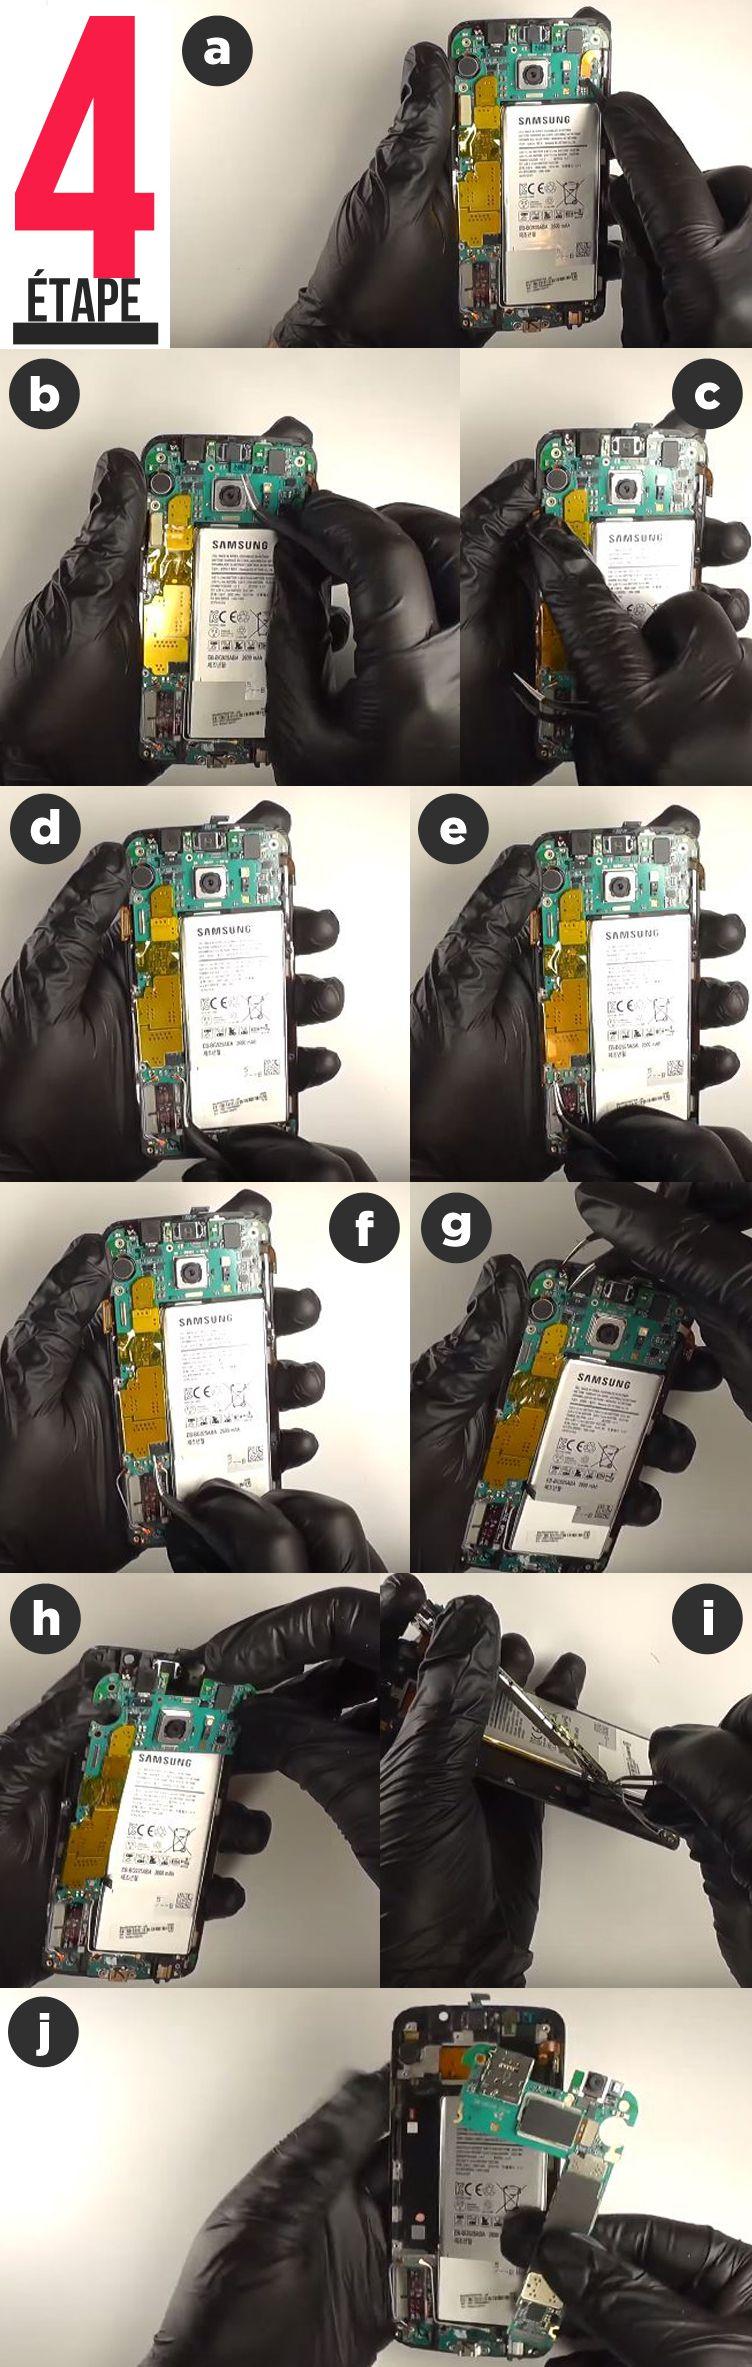 tutoriel_remplacement_batterie_s6_edge_etape4